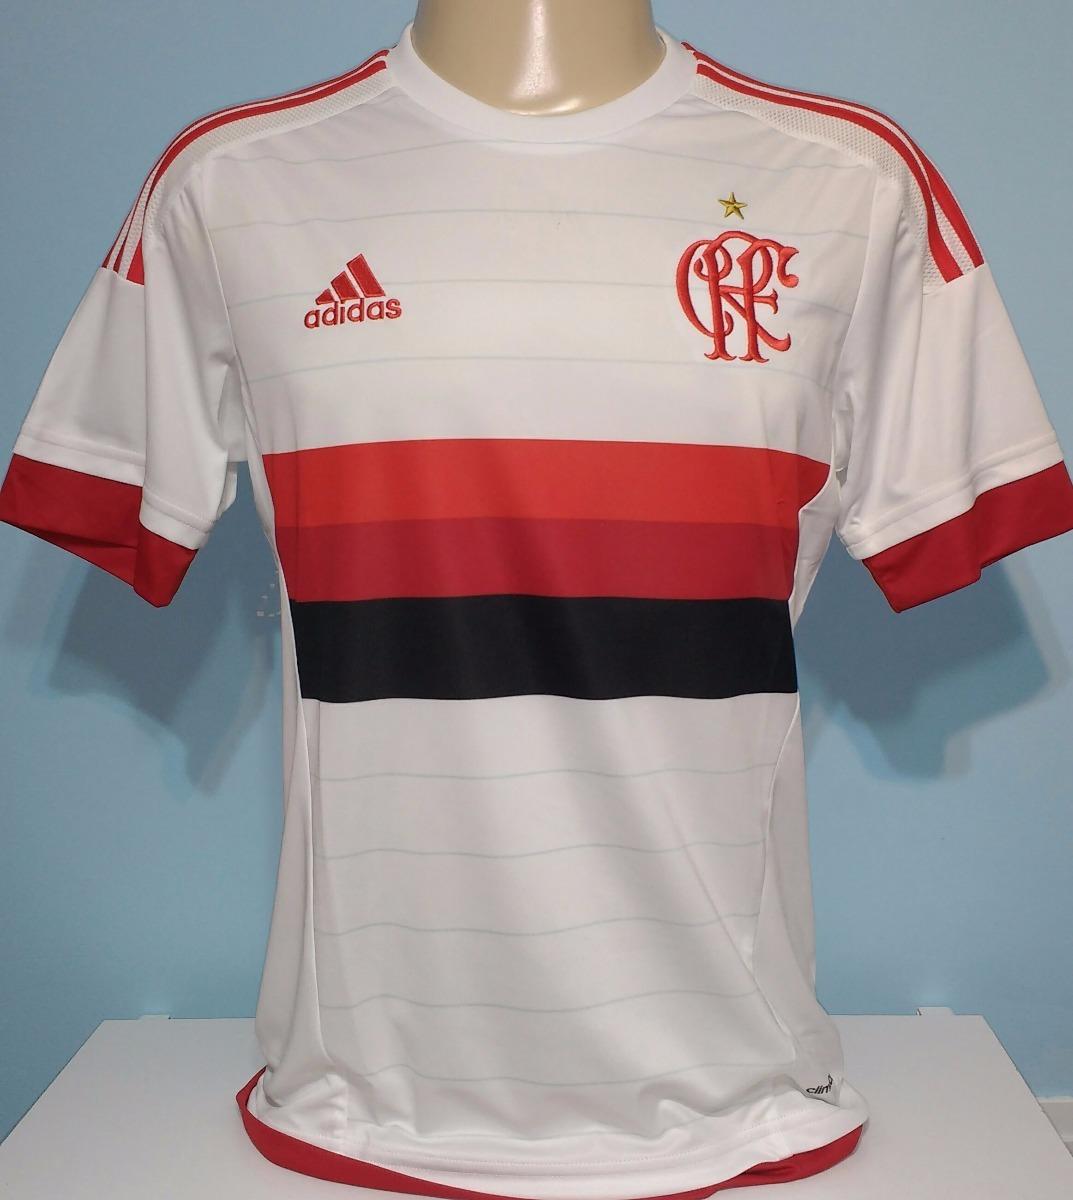 c8e1673975 Camisa Flamengo 2016 Branca Original adidas - 20 - R$ 239,00 em ...